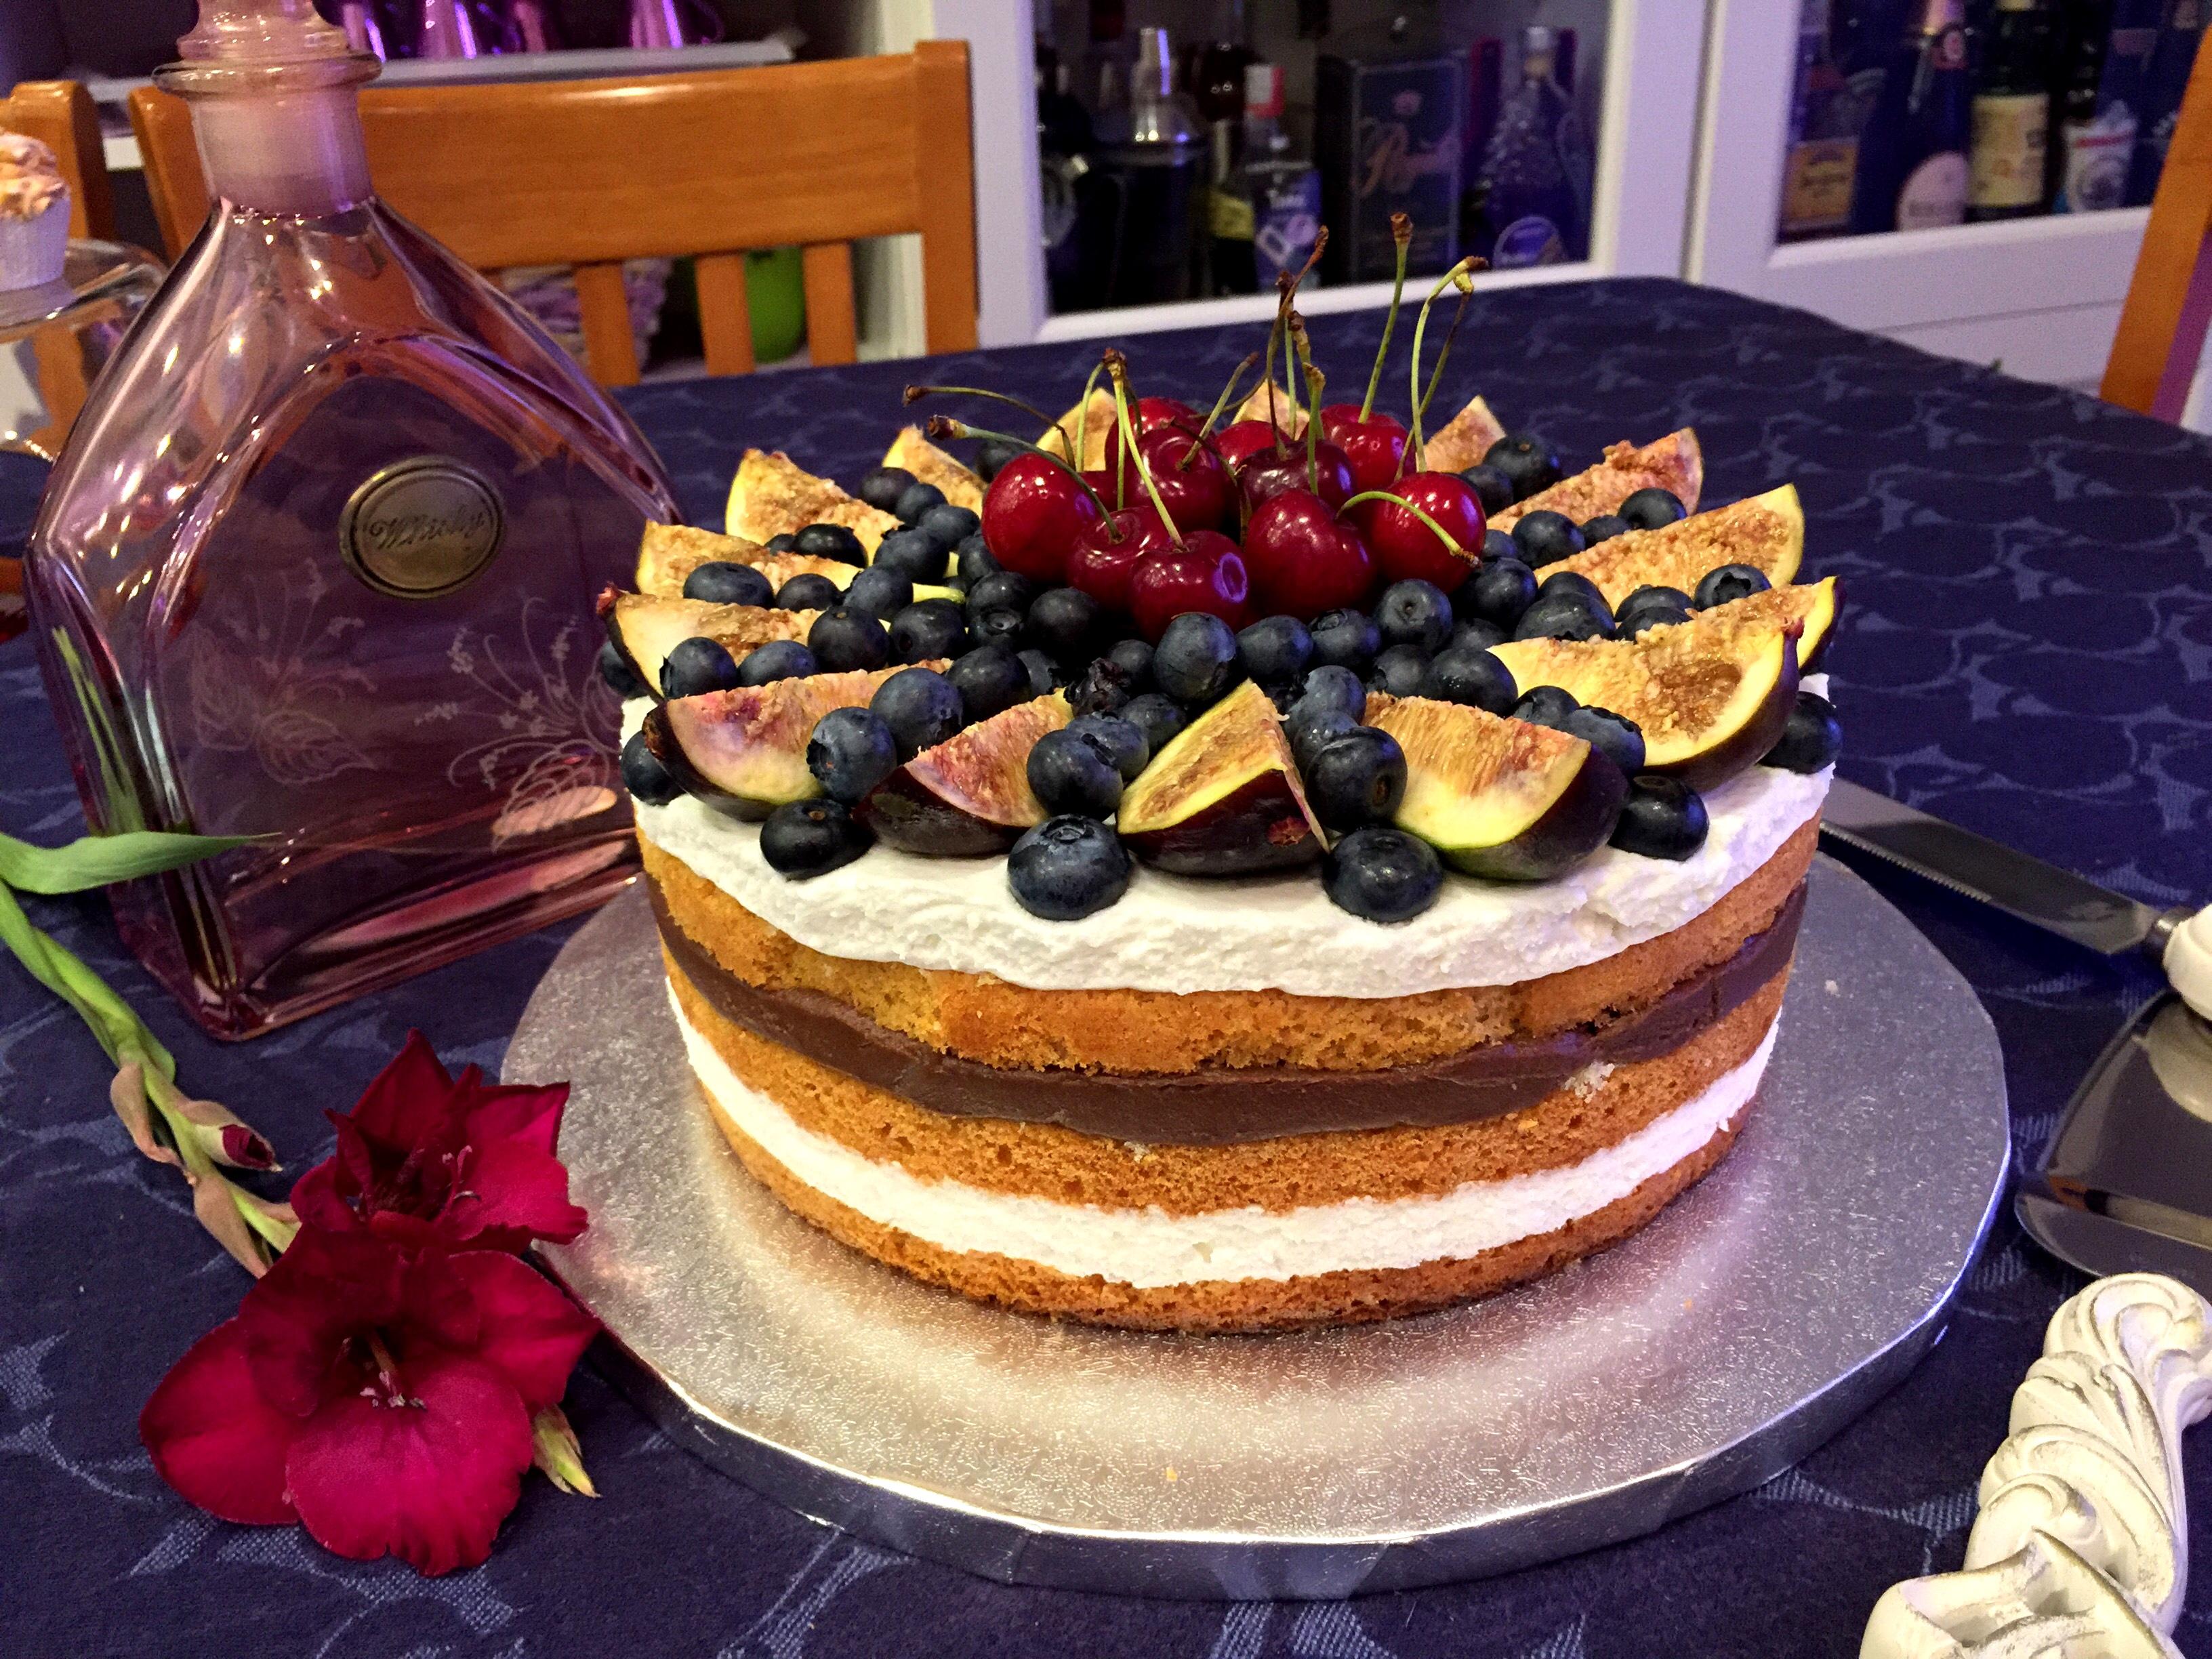 Naked Cake con mousse di ricotta, crema al cioccolato fondente e frutta